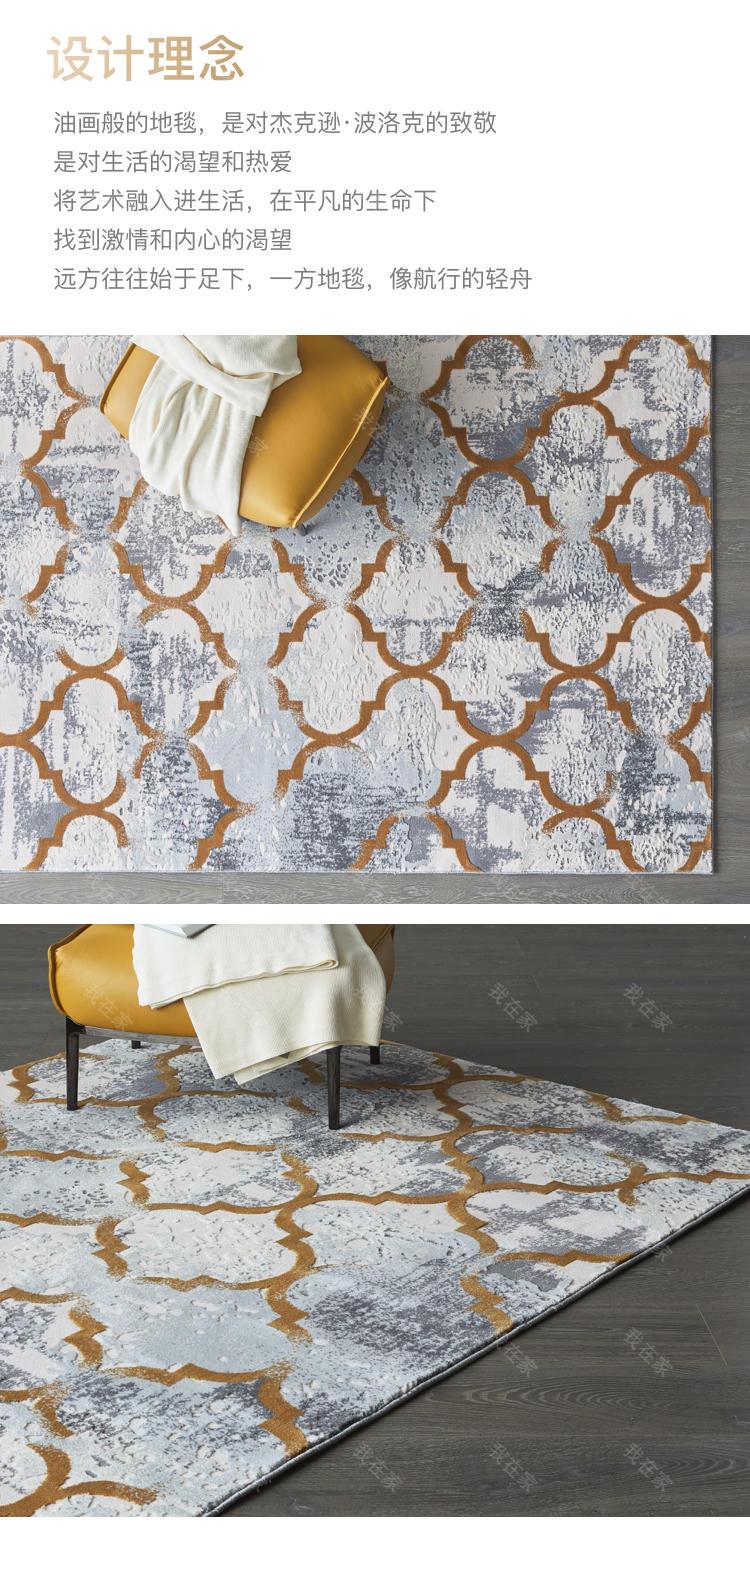 地毯品牌抽象艺术对称机织地毯的详细介绍